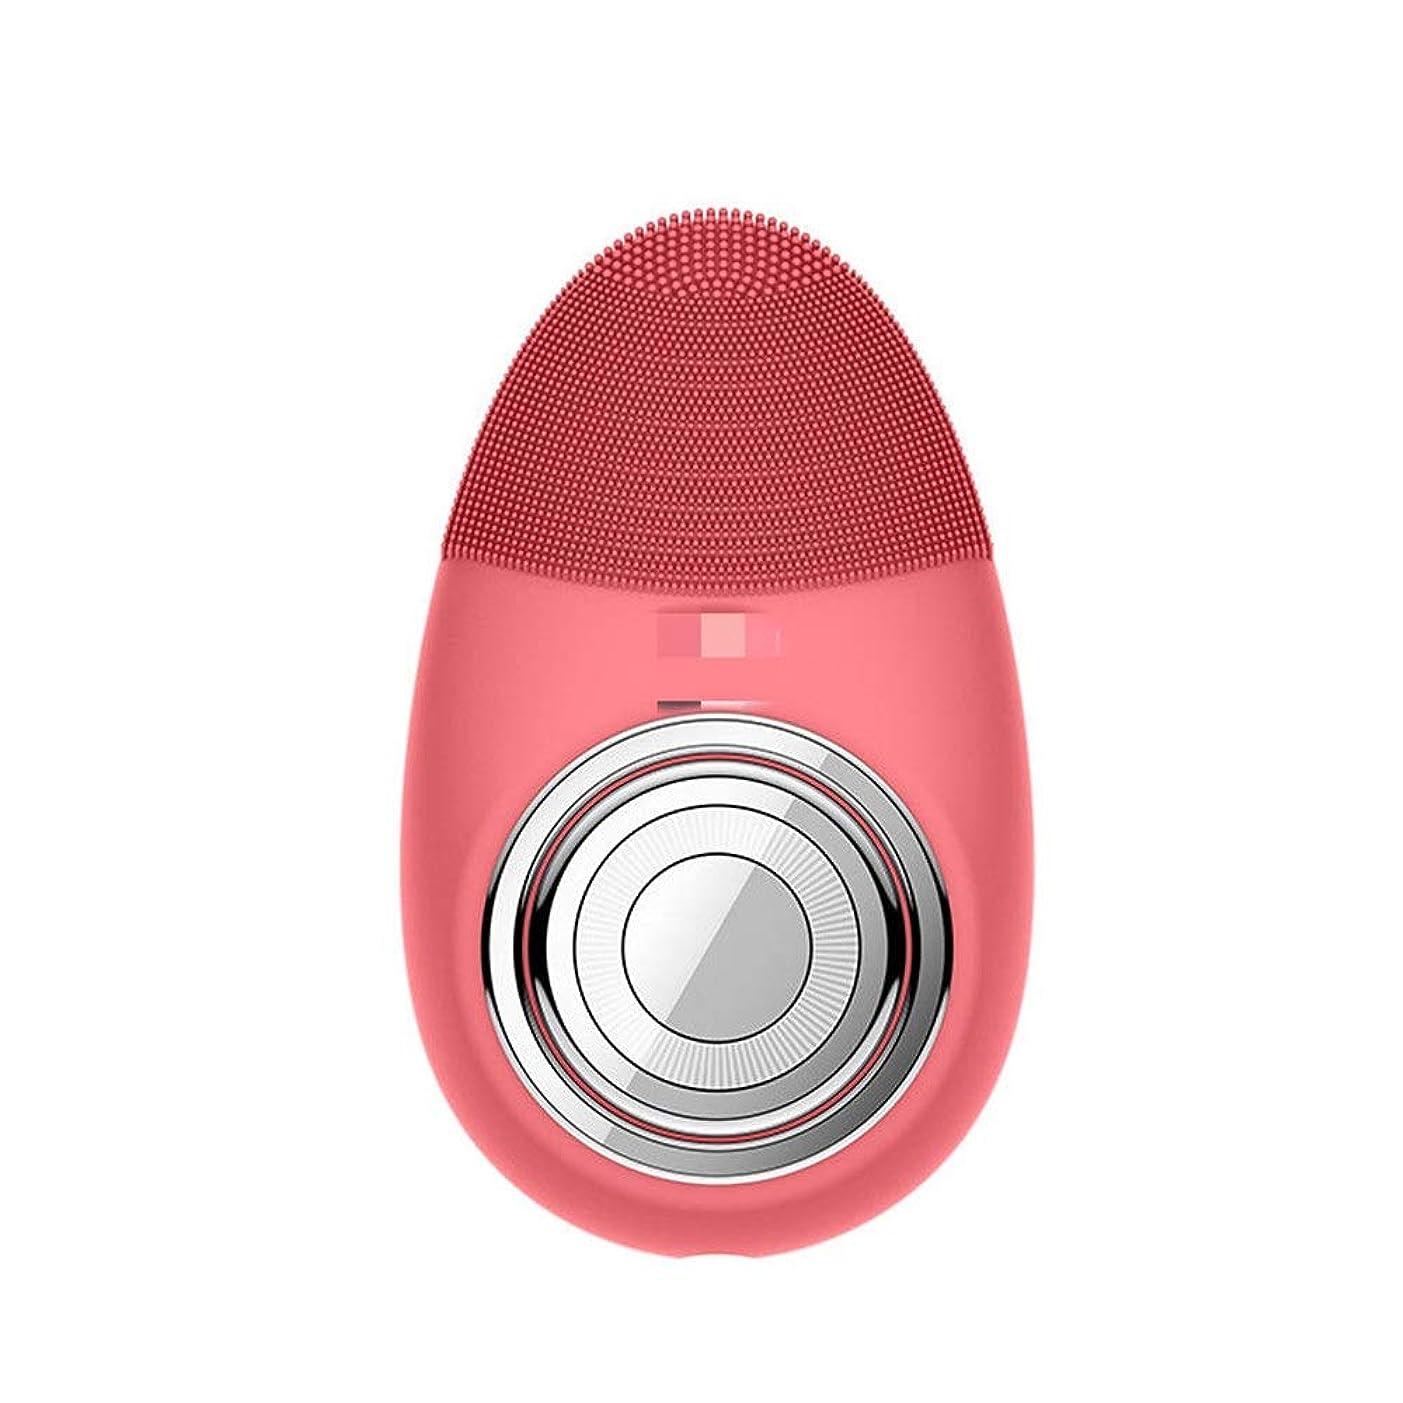 四等スペインValueYee 多機能電気恒温シリコーンクレンジング器赤灯肌洗剤毛穴クリーナー輸入器美容器ValueYee (Color : Red)